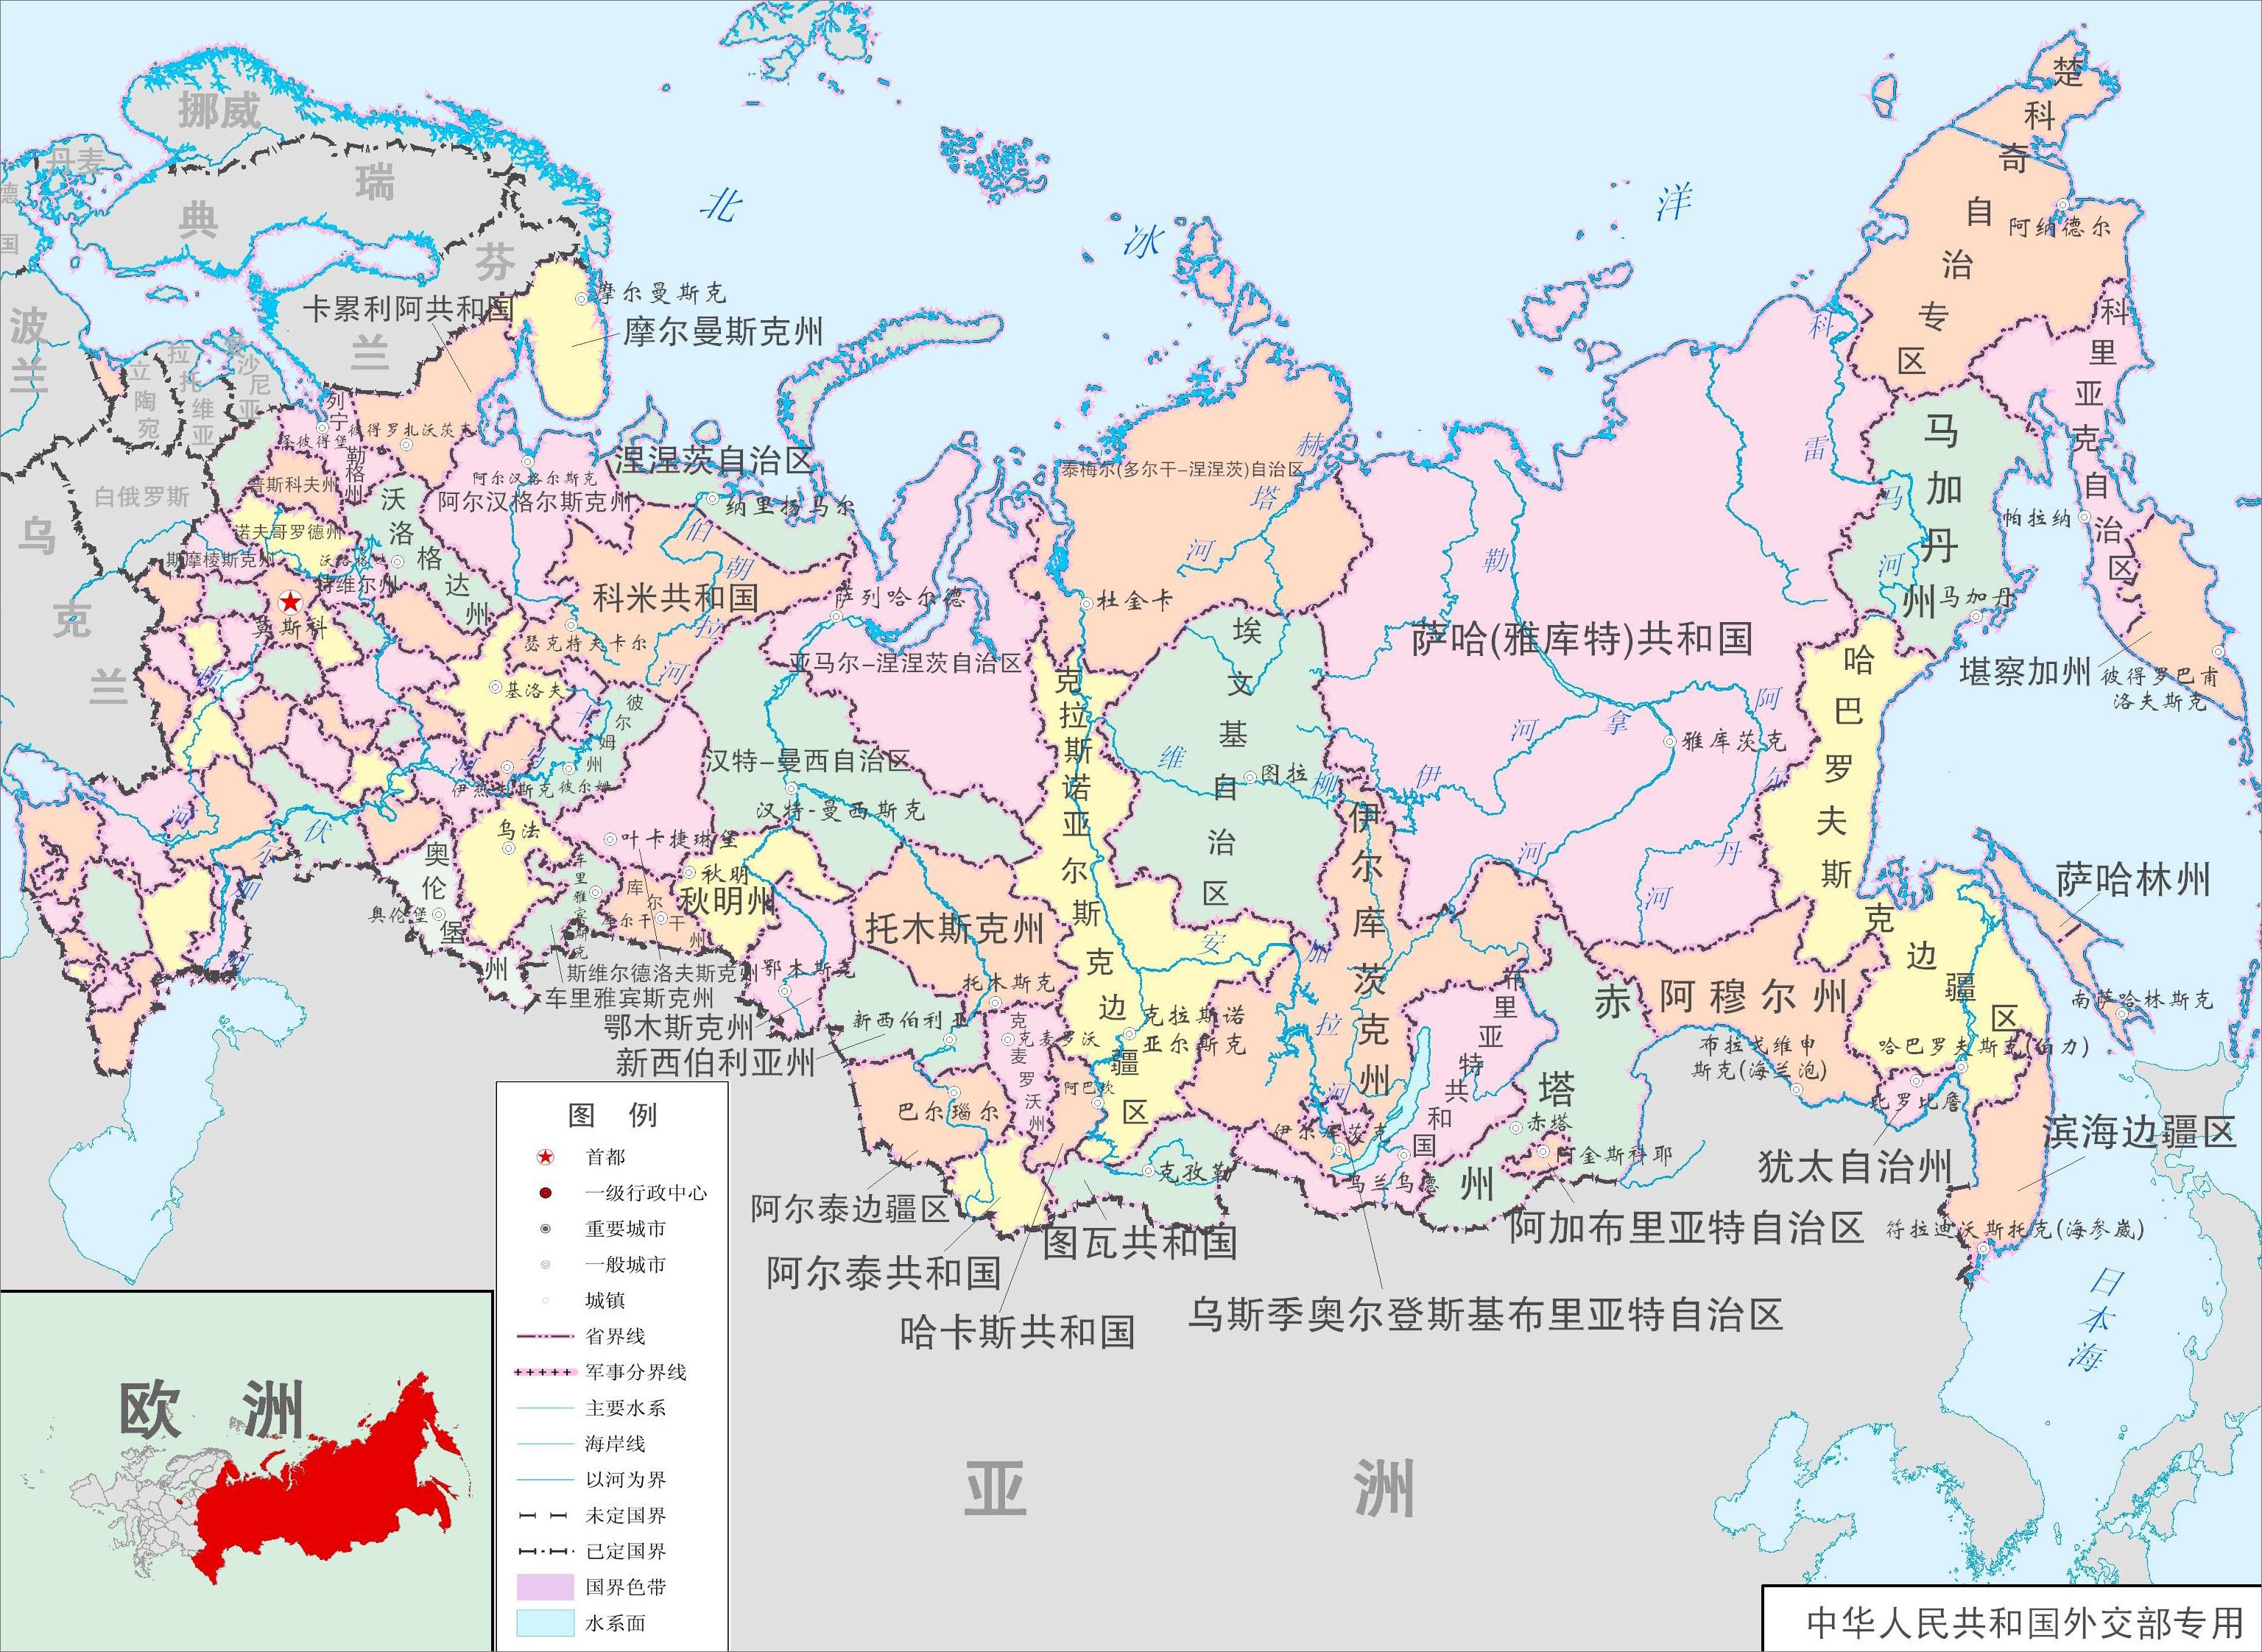 国家身份难确认?领土大部分在亚洲,为何俄罗斯却是个欧洲国家?